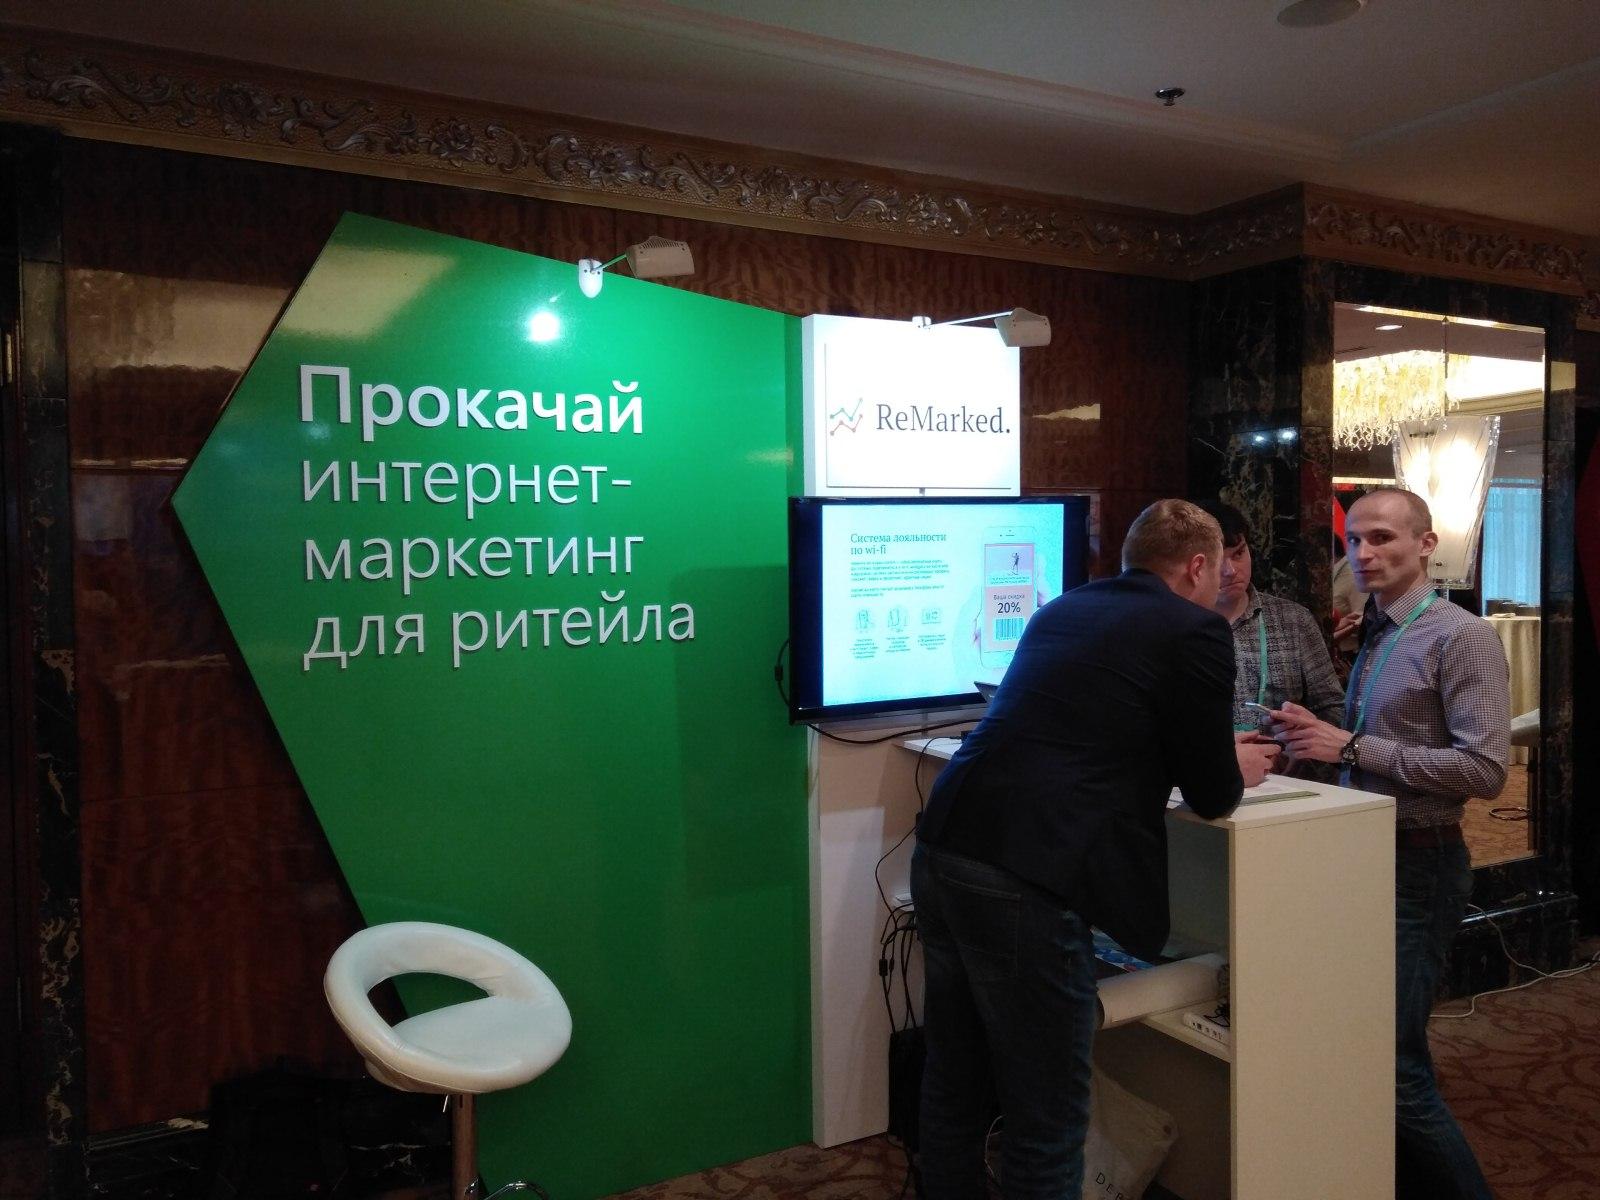 Прокачай интернет-маркетинг для ритейла. Конференция Microsoft «Прокачай свой бизнес: Люди. Процессы. Технологии»